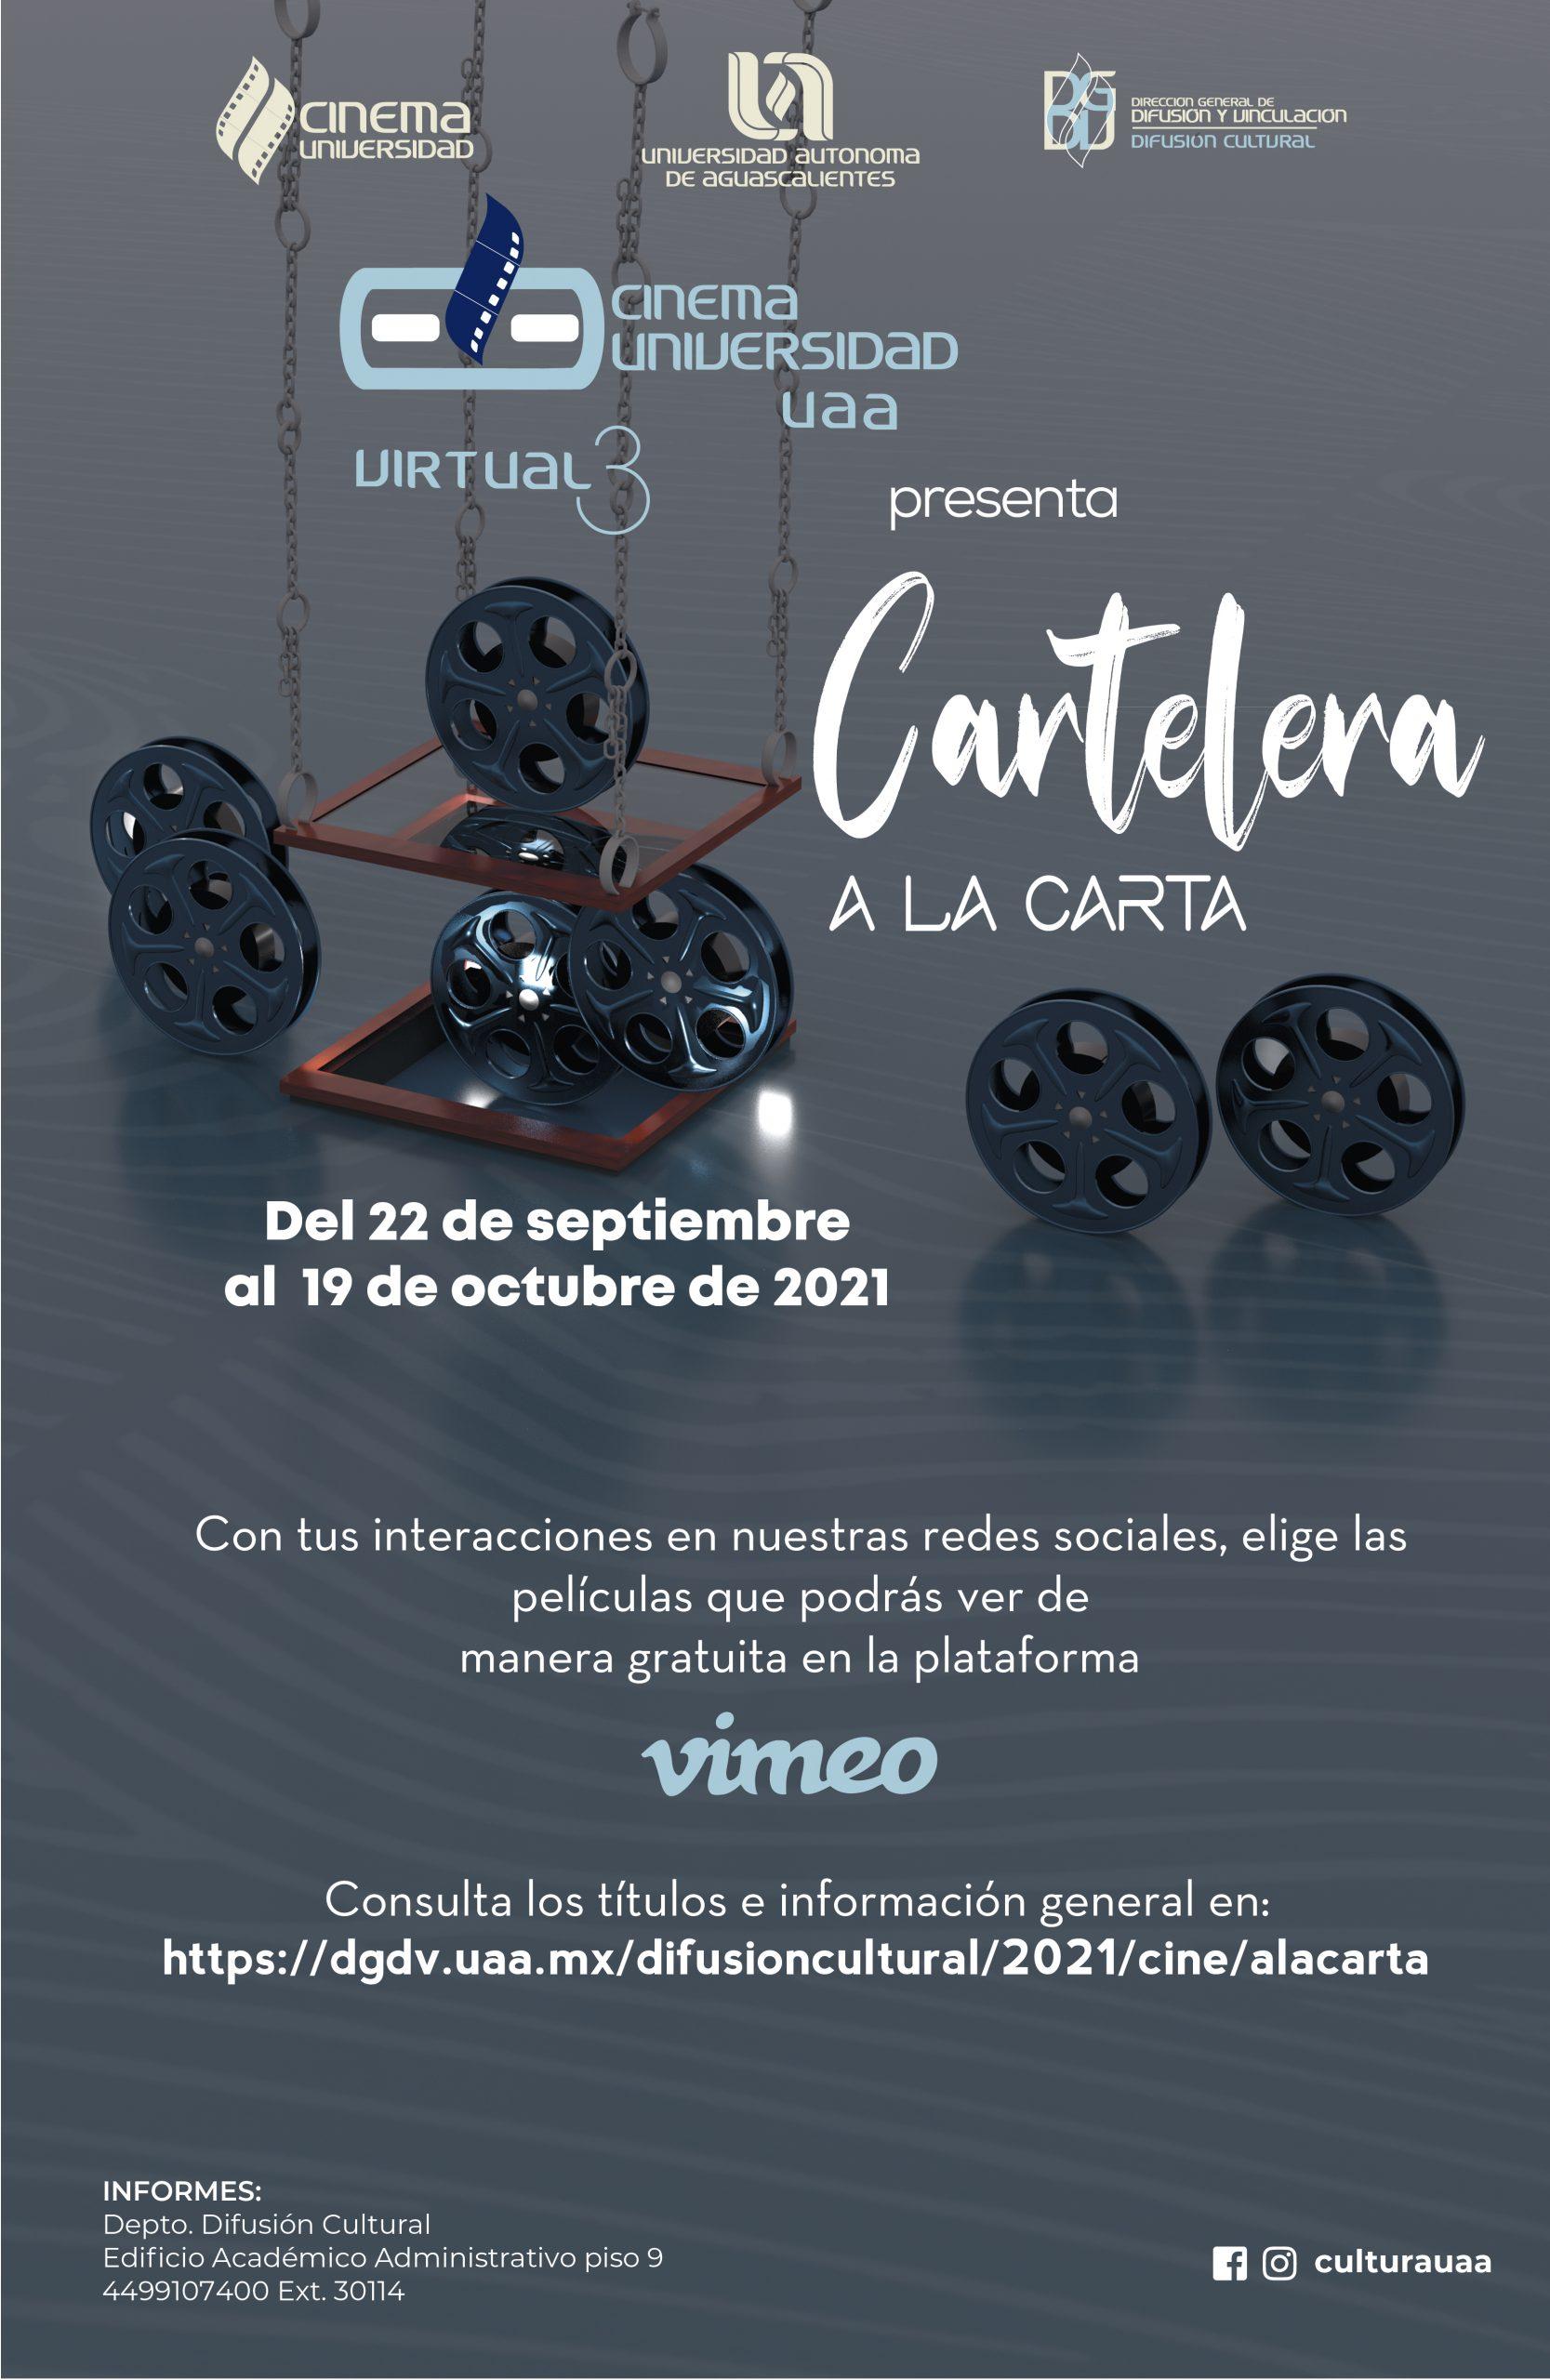 Cinema Universidad Cartelera a la Carta